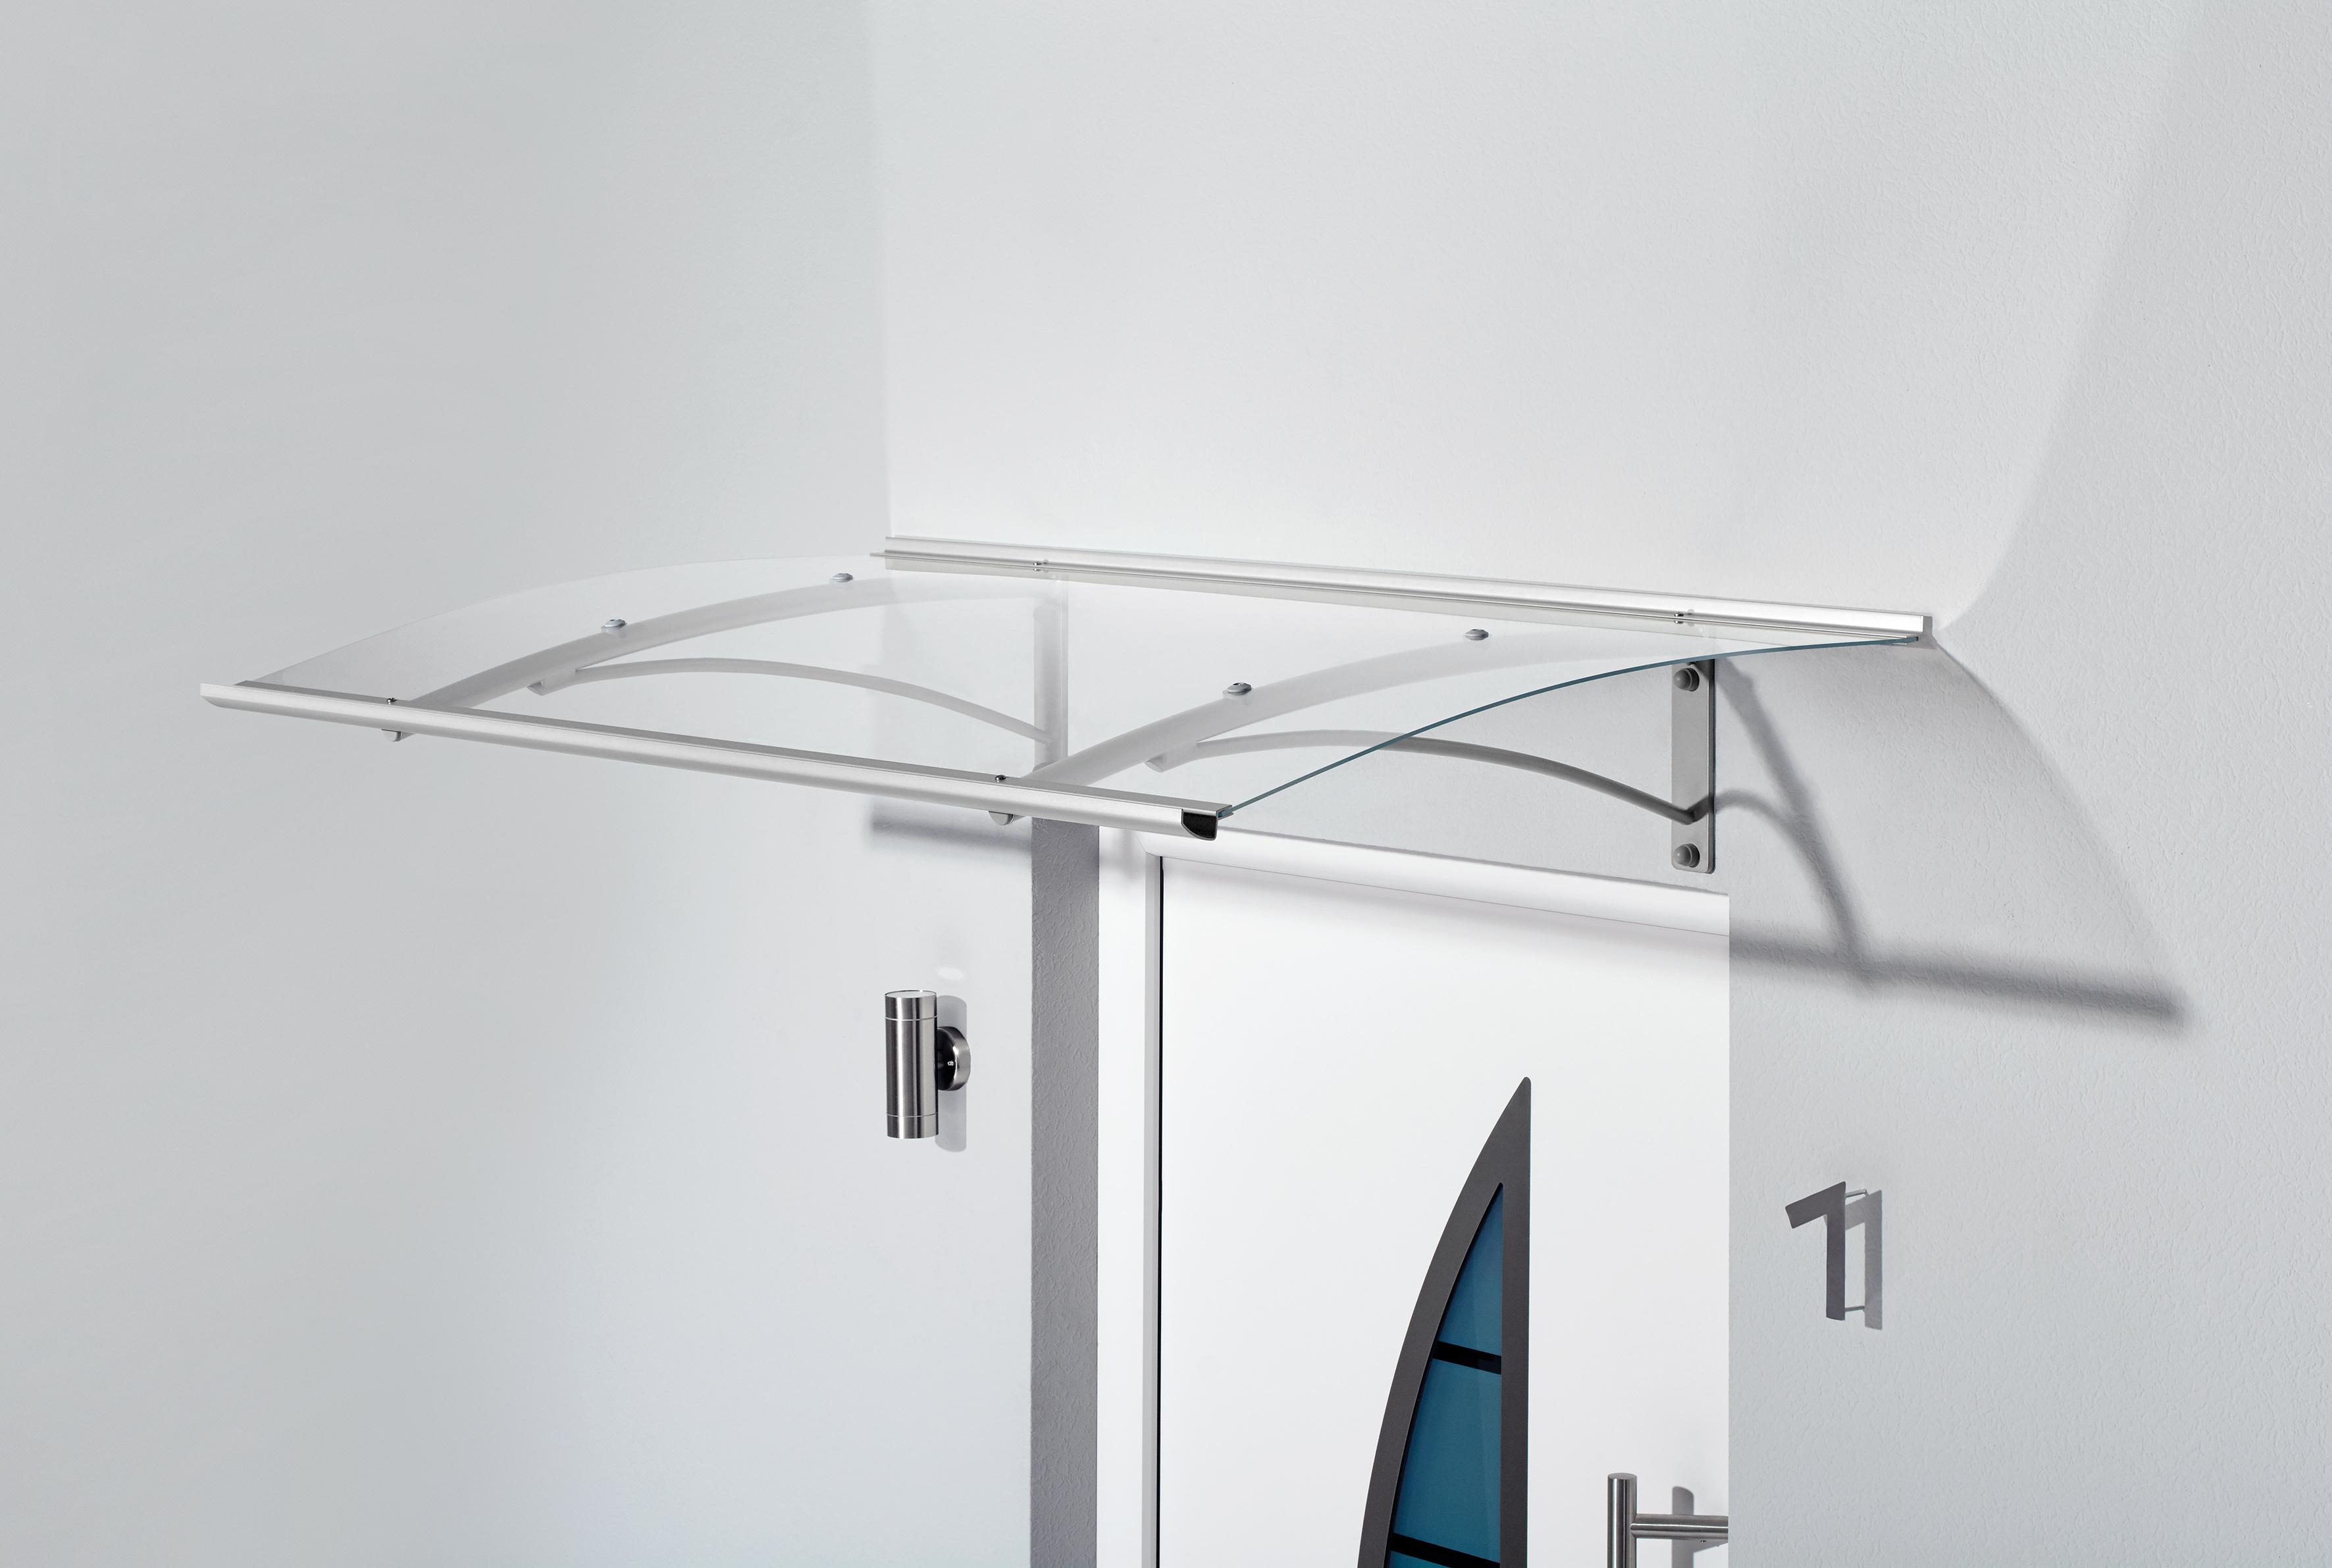 gutta haust r vordach pultvordach typ pt g 160x90x30 cm gebogen acryl klar ebay. Black Bedroom Furniture Sets. Home Design Ideas